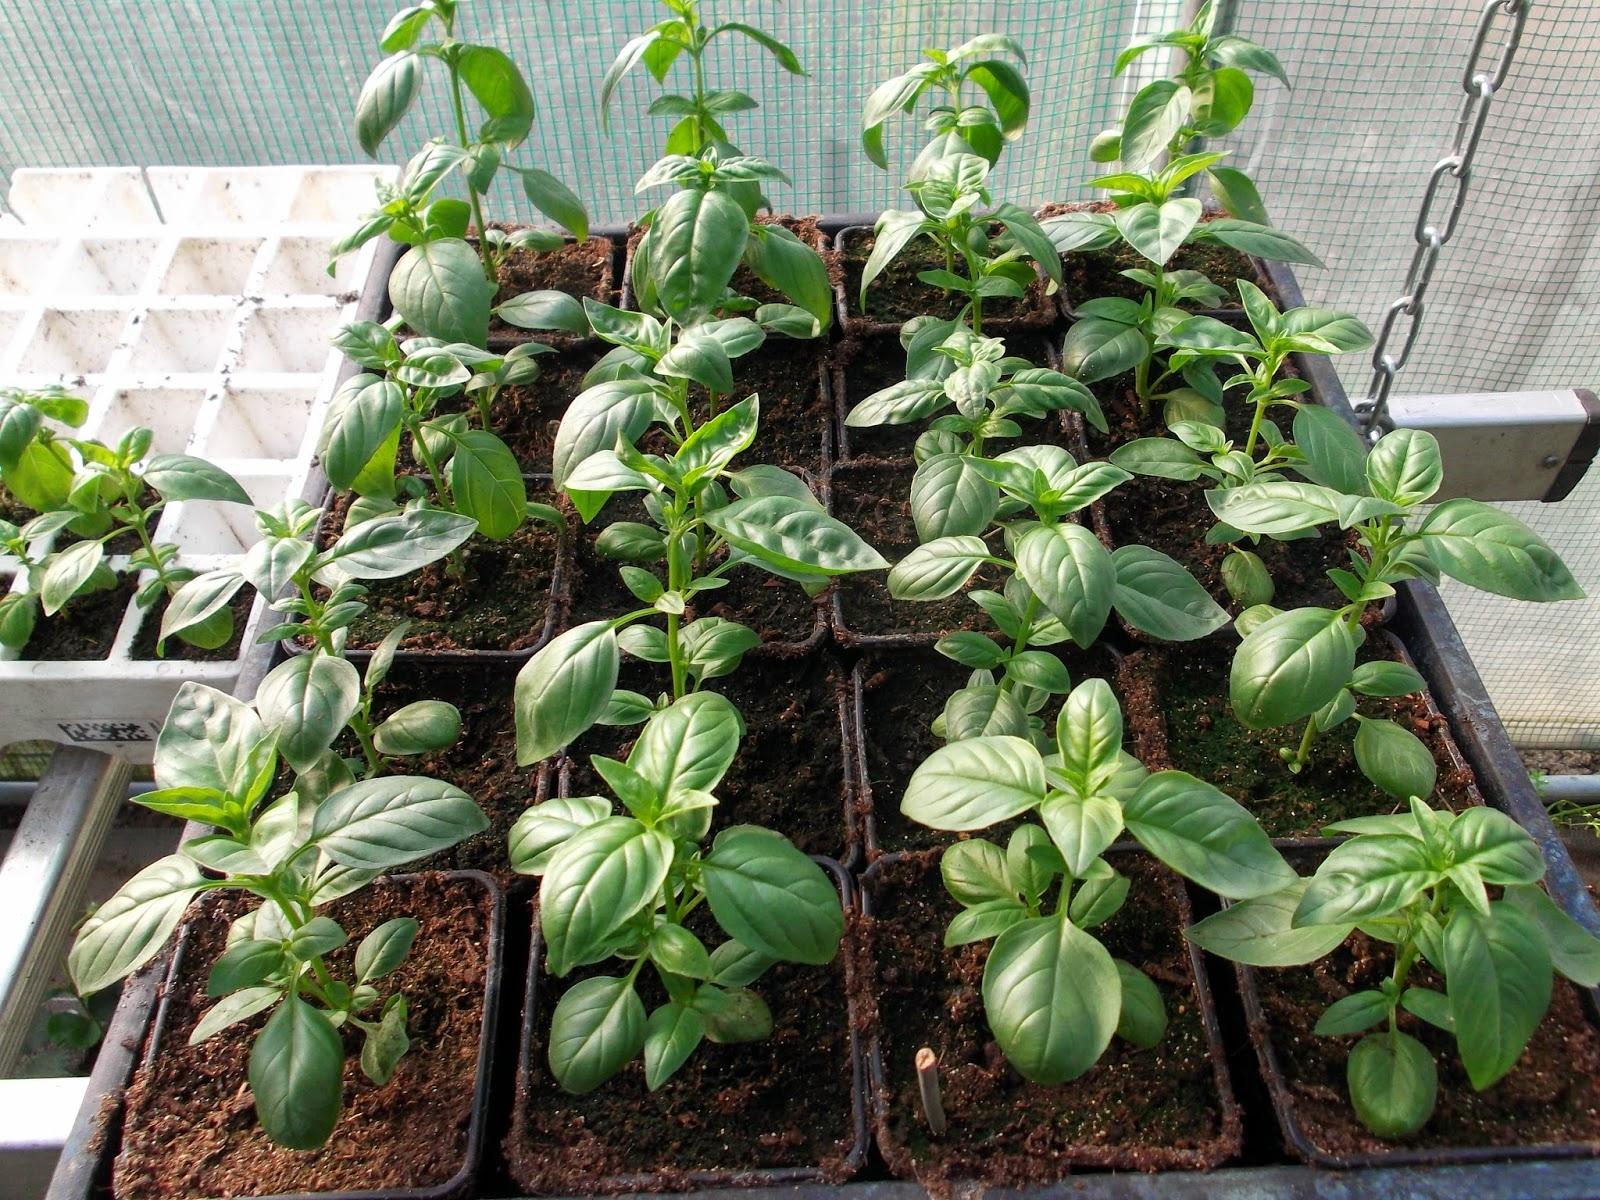 Passion tomates le basilic demande tre repiqu en pleine terre - Quand repiquer les tomates en pleine terre ...